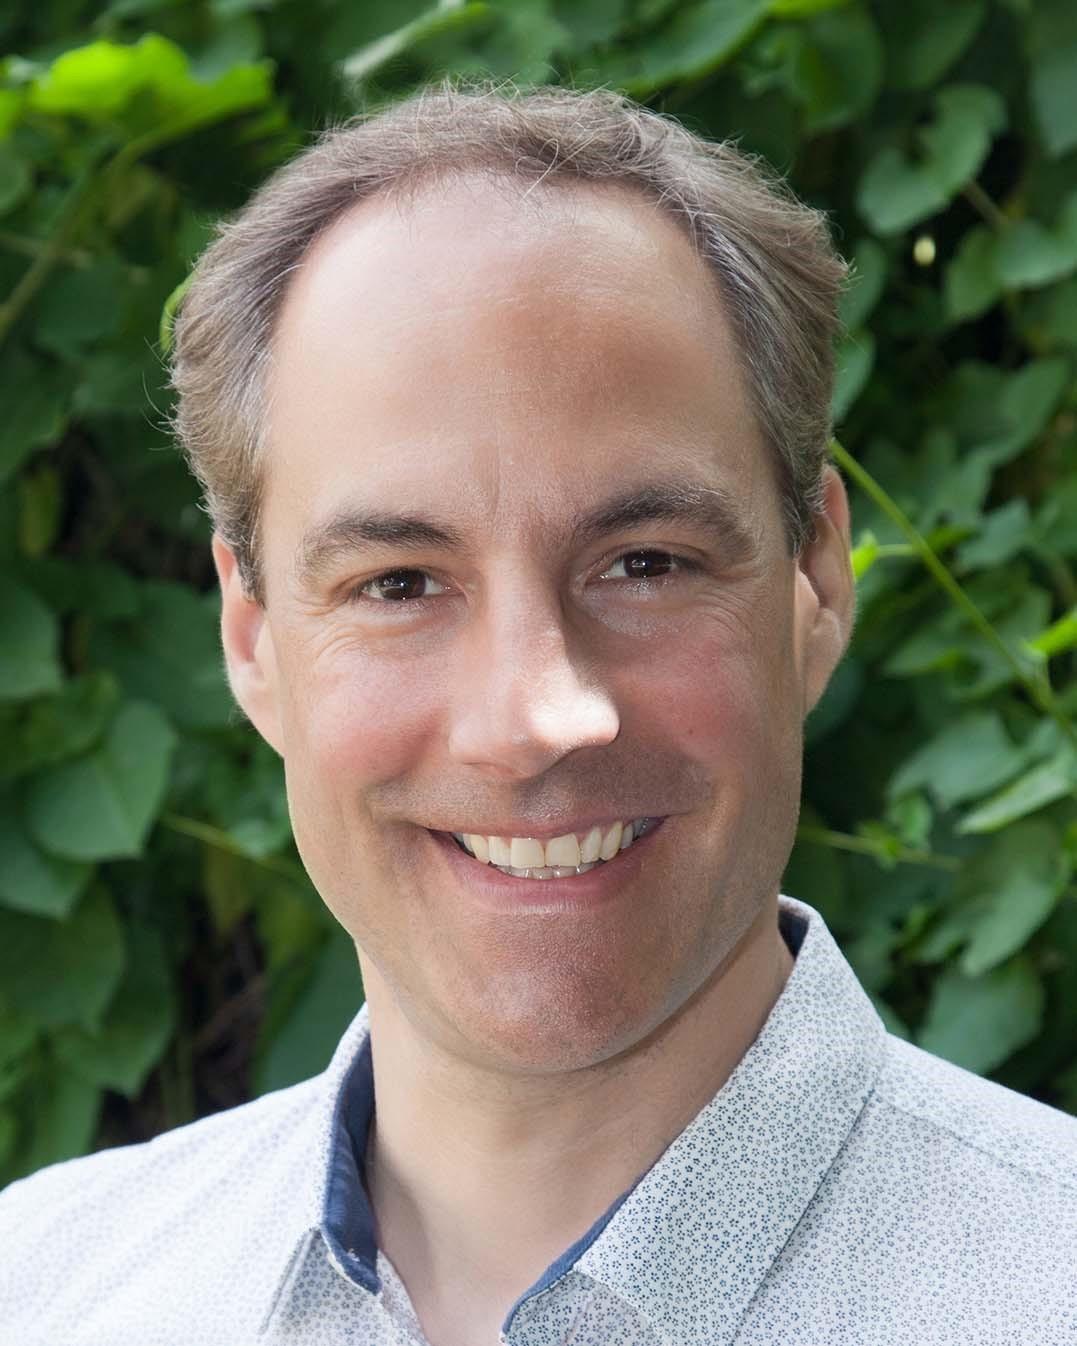 Stefan Niederhafner